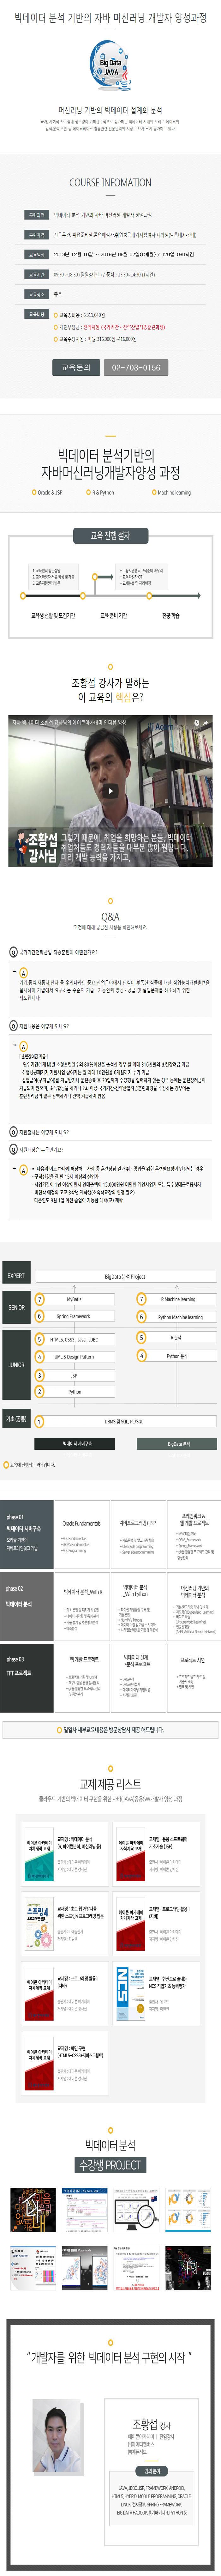 빅데이터 분석 기반의 자바 머신러닝 개발자 국비지원 취업과정(종로12월10일~6개월).jpg